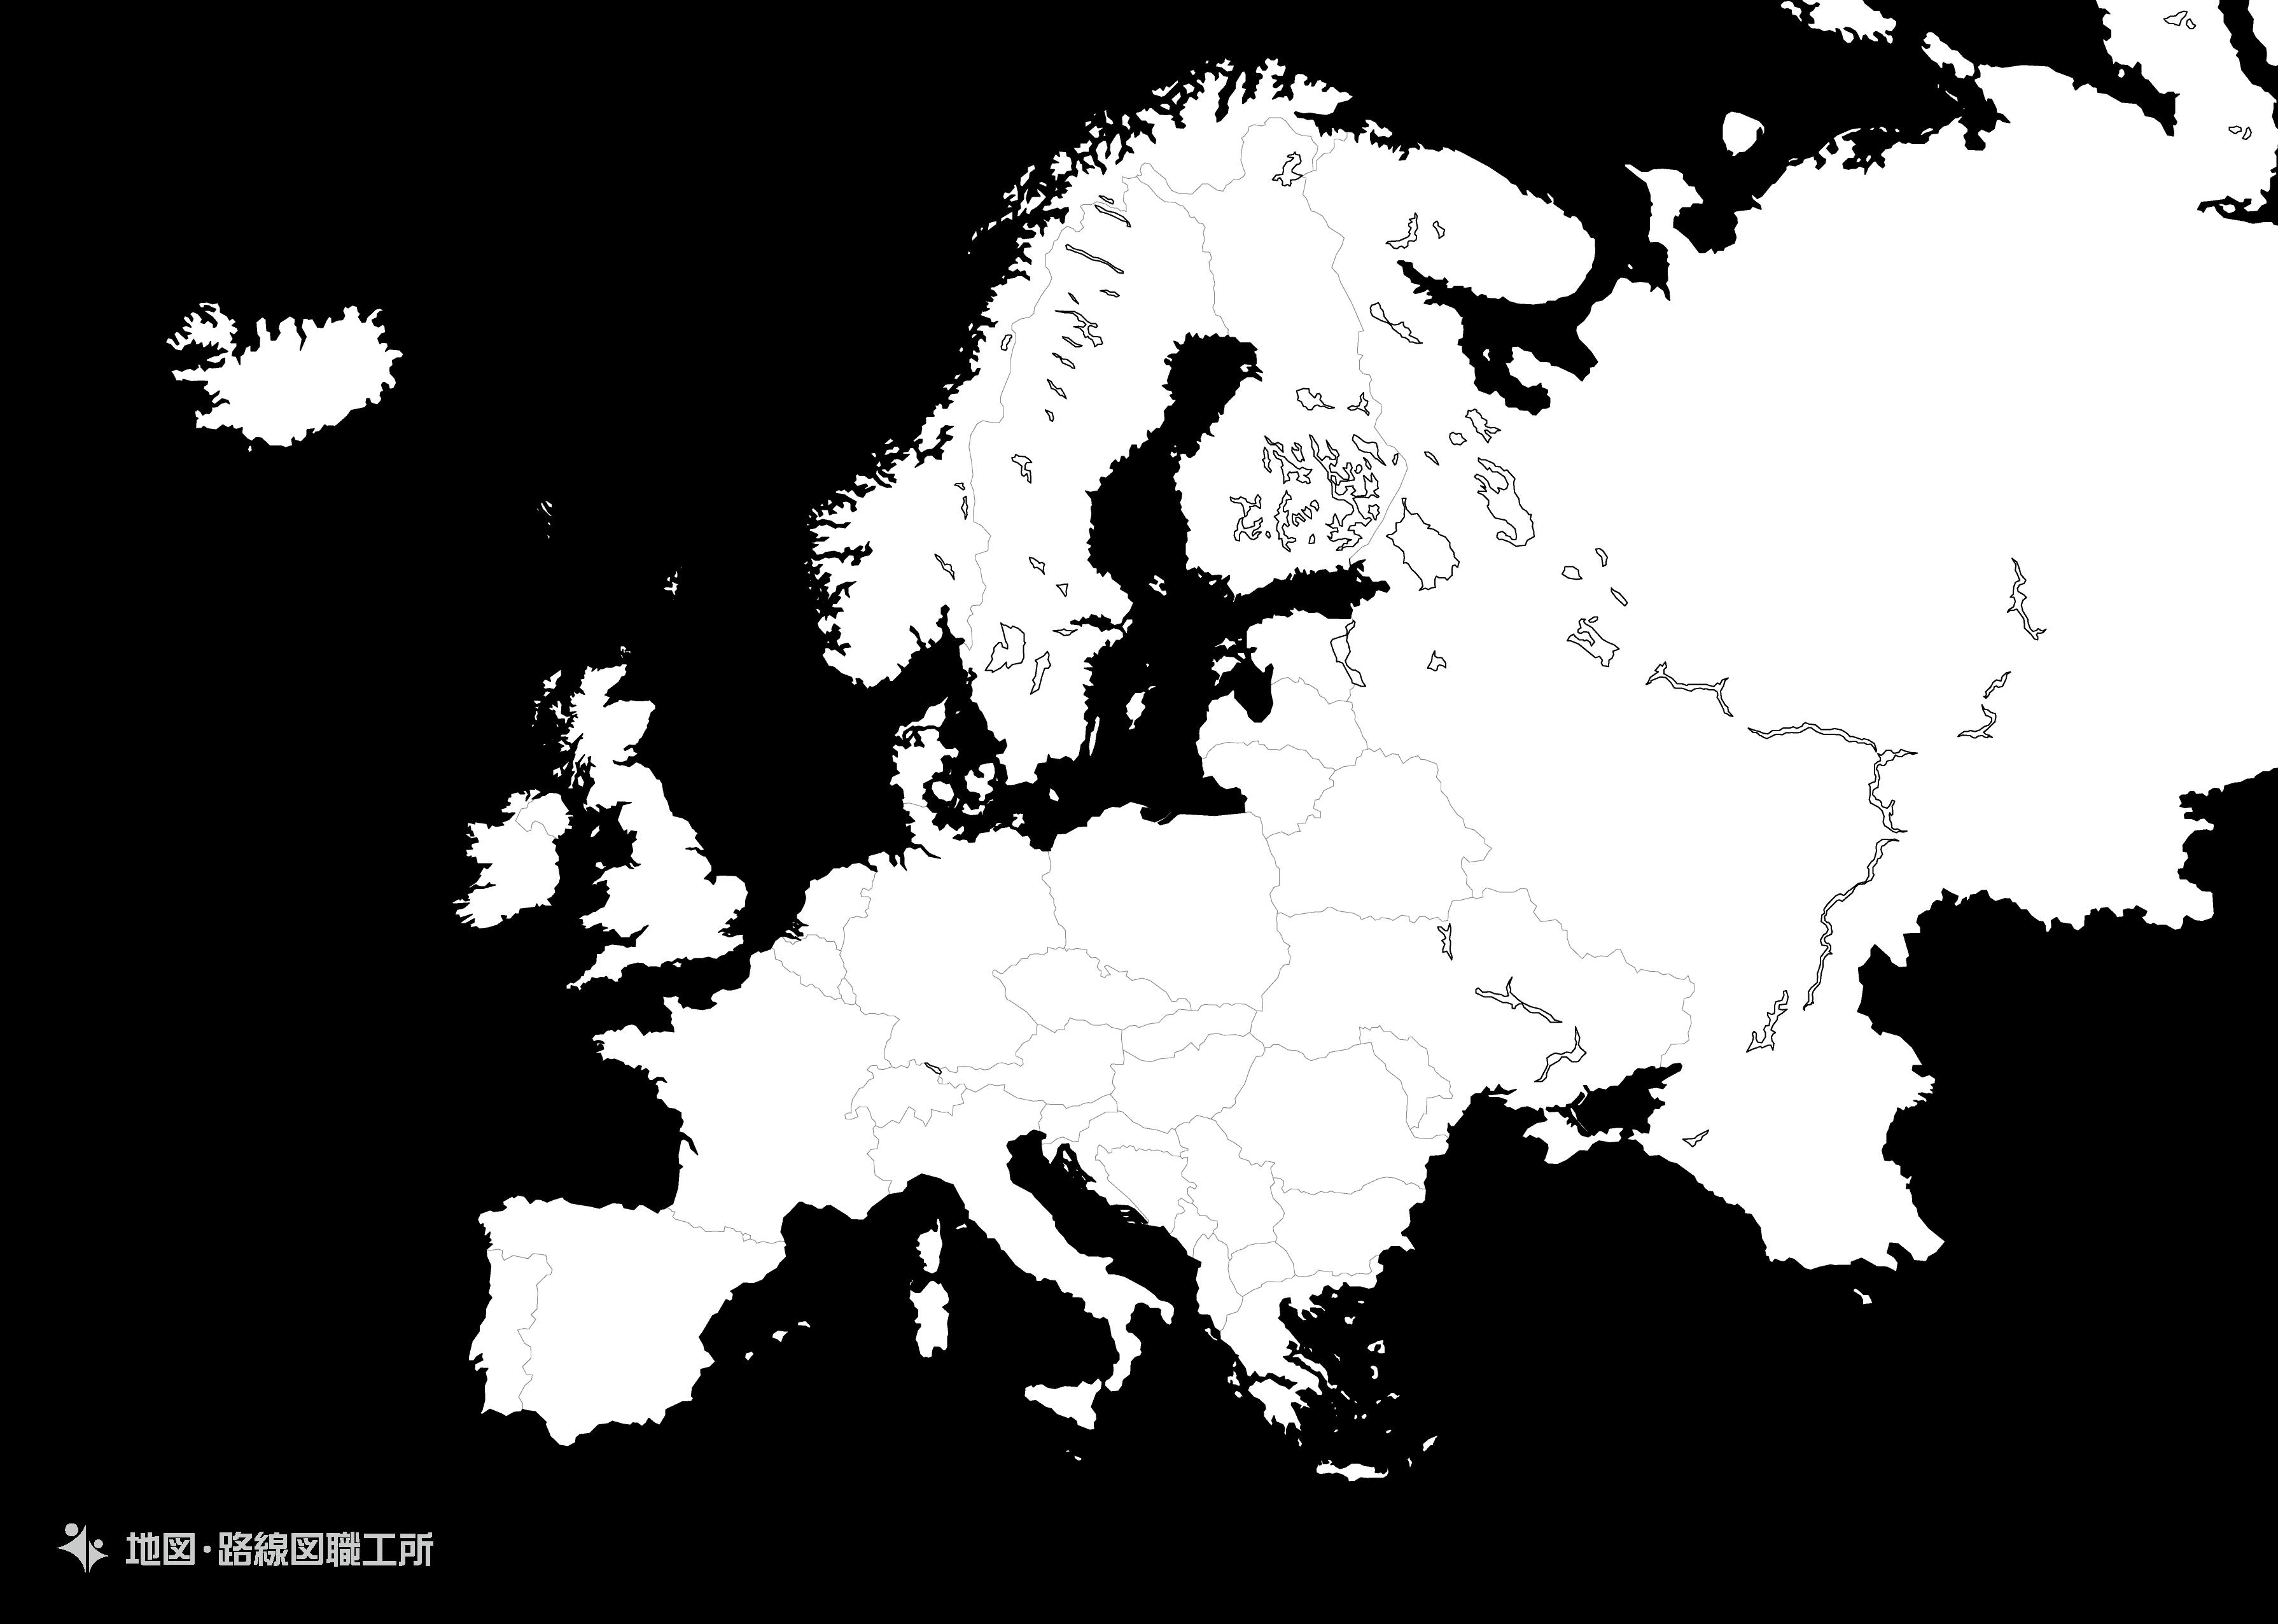 世界の白地図ヨーロッパ europe map